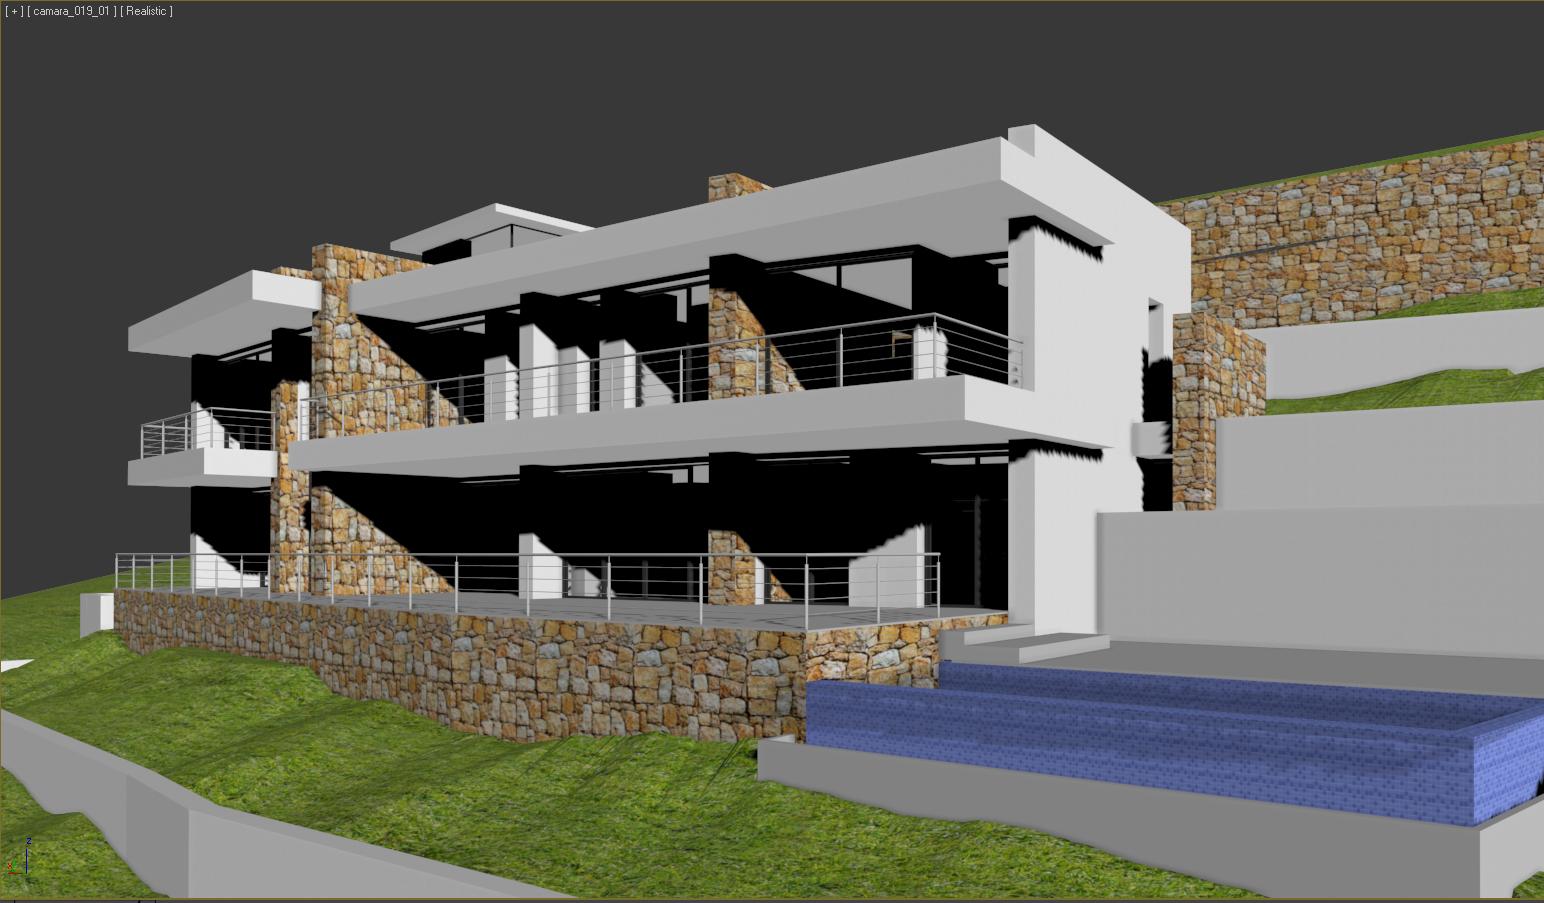 Casa moderna que se empieza a construir - Construir casas en 3d ...